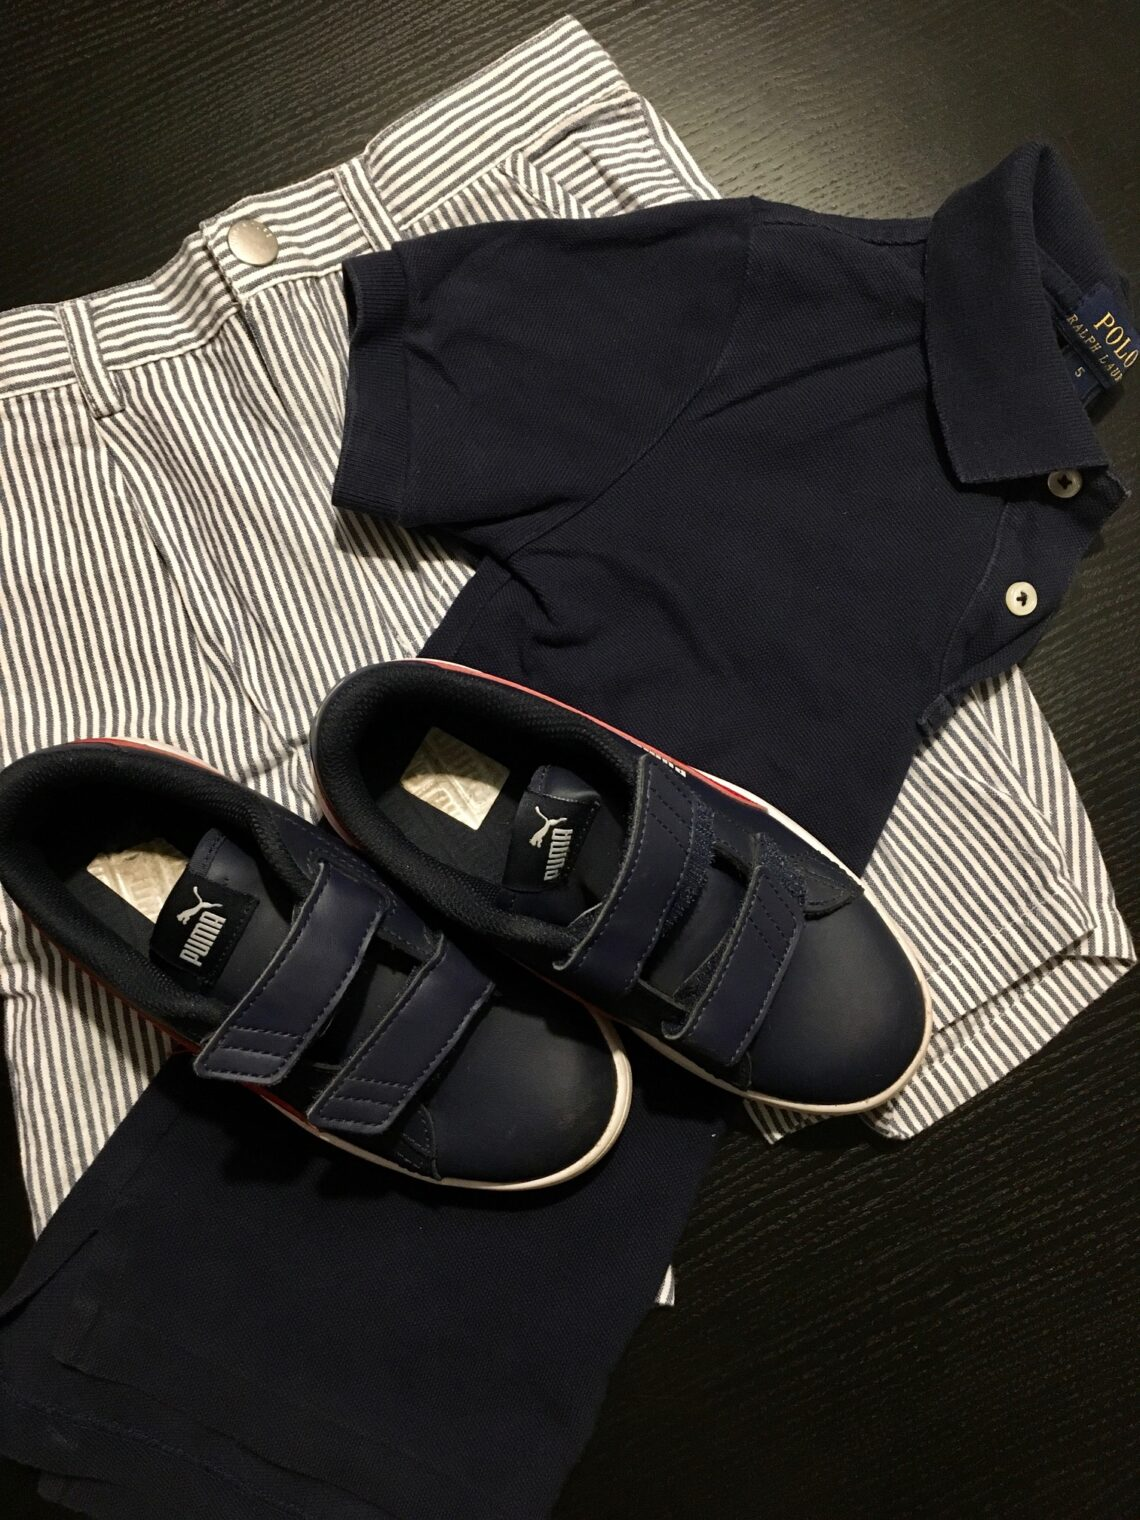 Tøj fra Millepercille